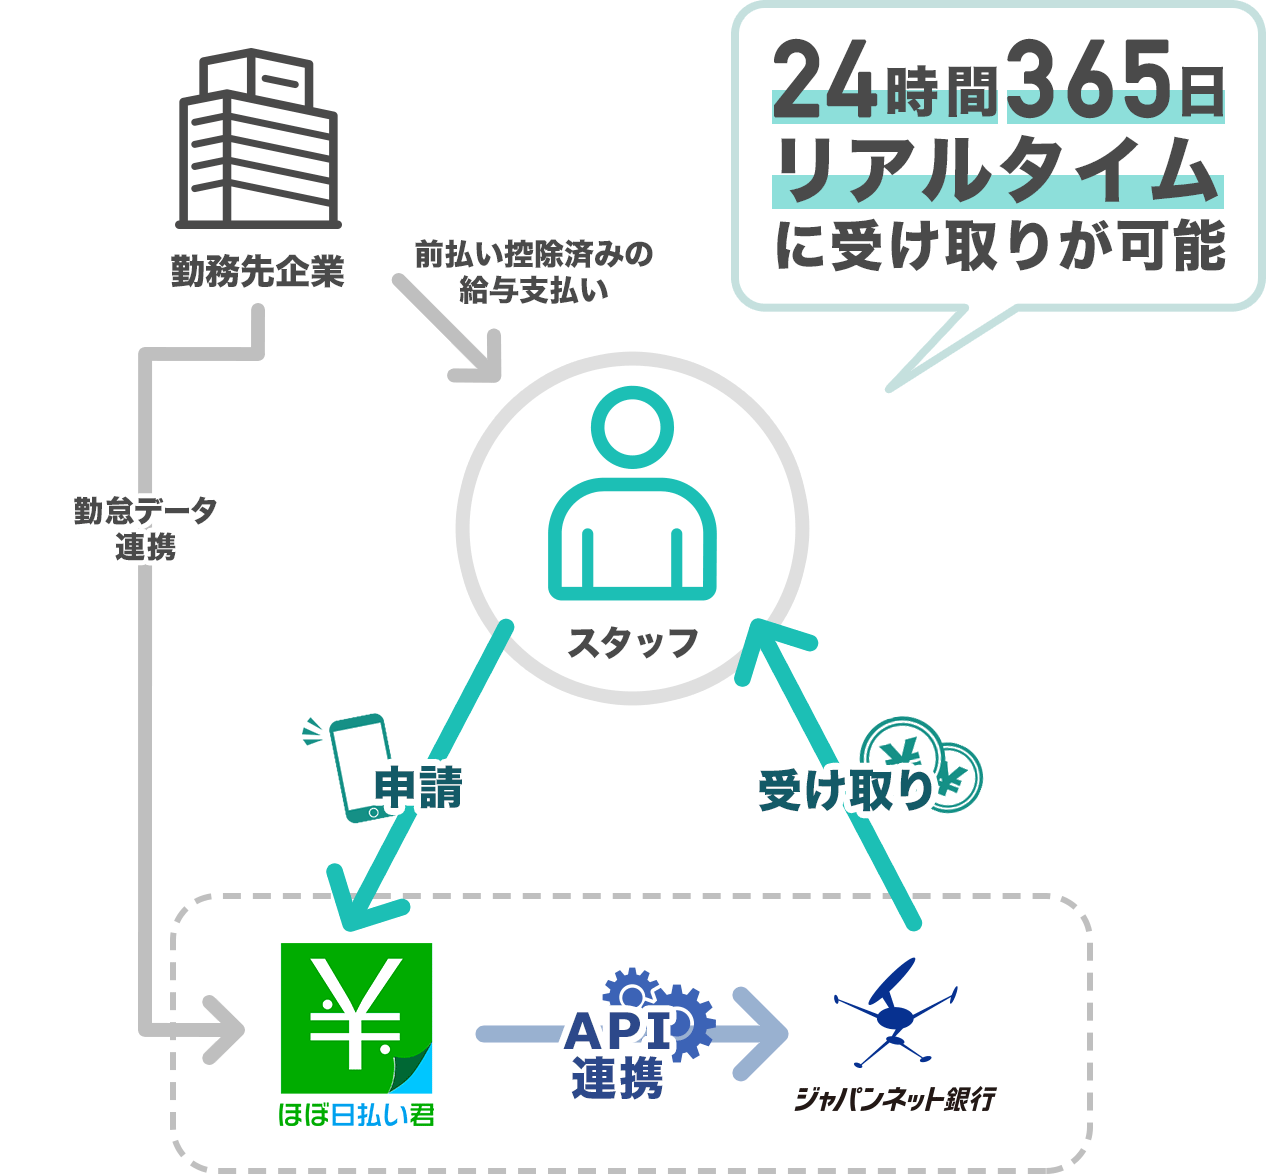 ジャパンネット銀行 略称